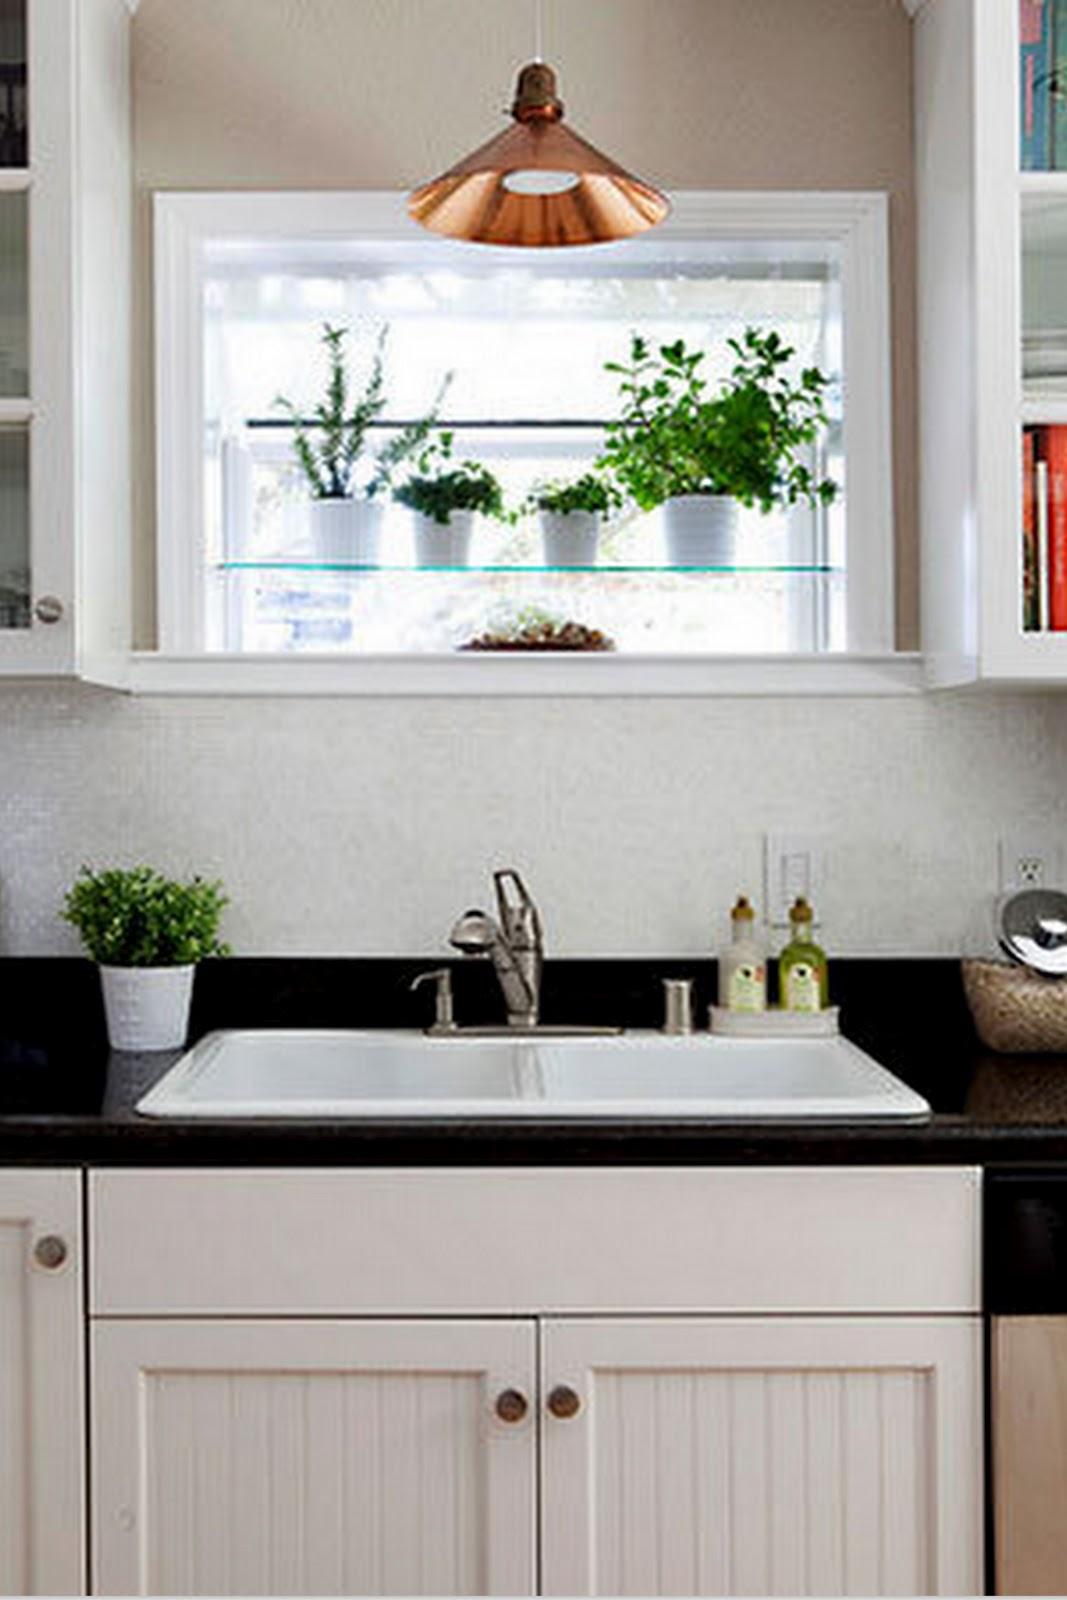 #3E6624  janelas cozinha:Toques e Retoques: Prateleiras na janela da cozinha #1 220 Janelas De Vidro Para Cozinha